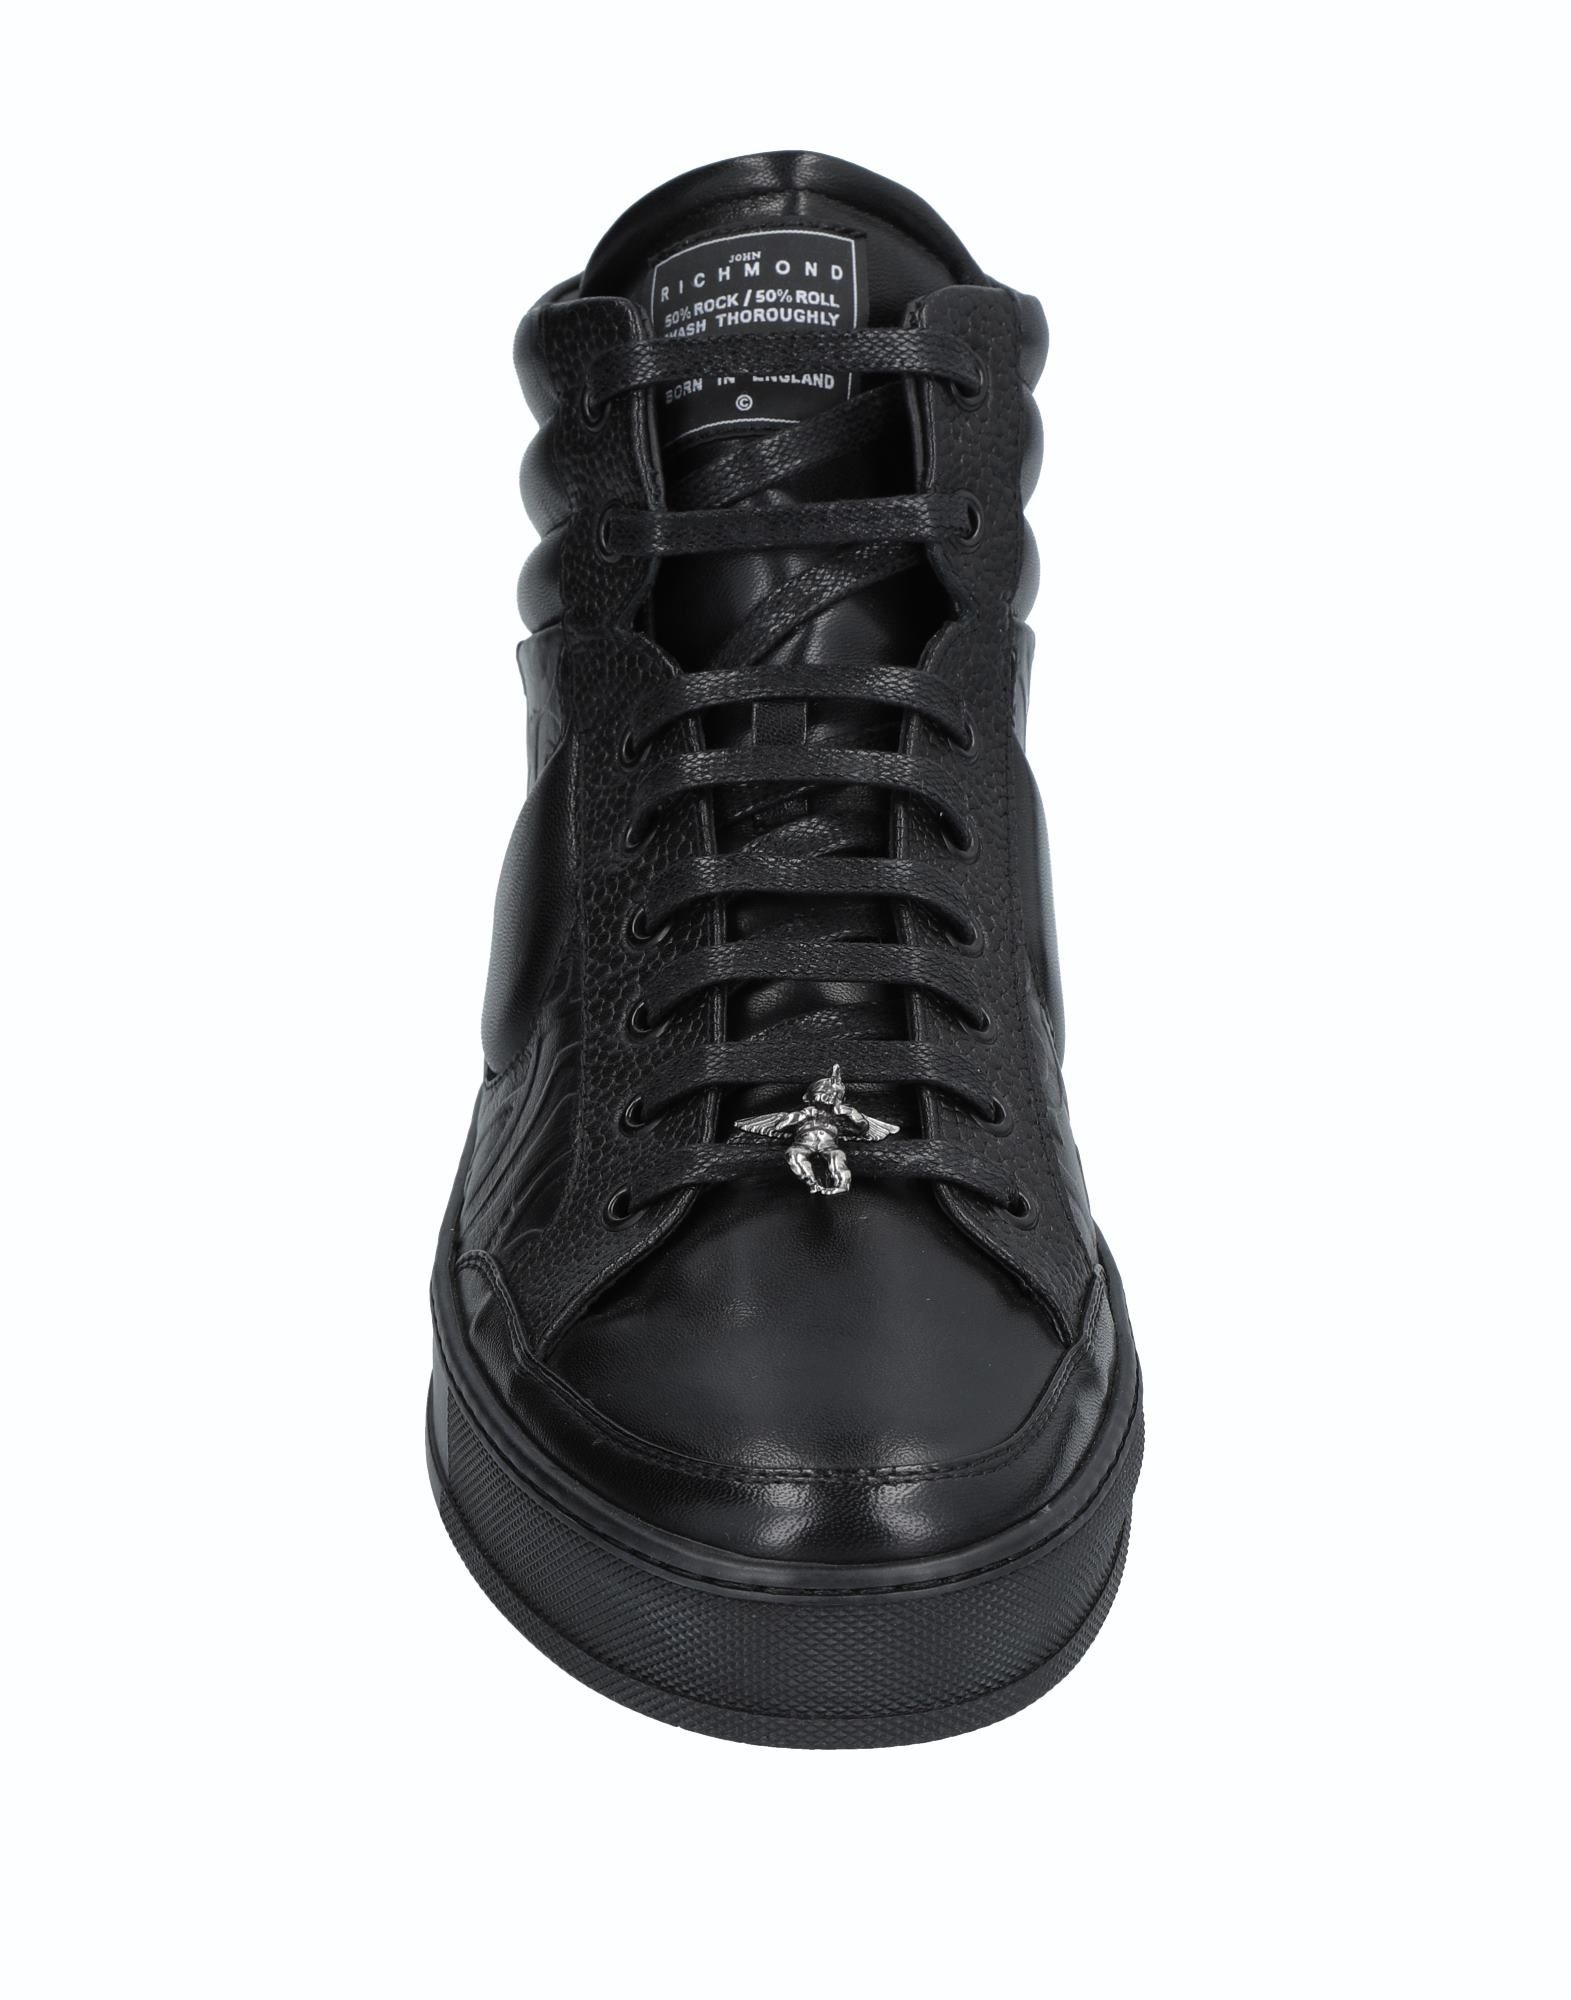 John Richmond Sneakers Herren Herren Sneakers  11538097EX 81de75